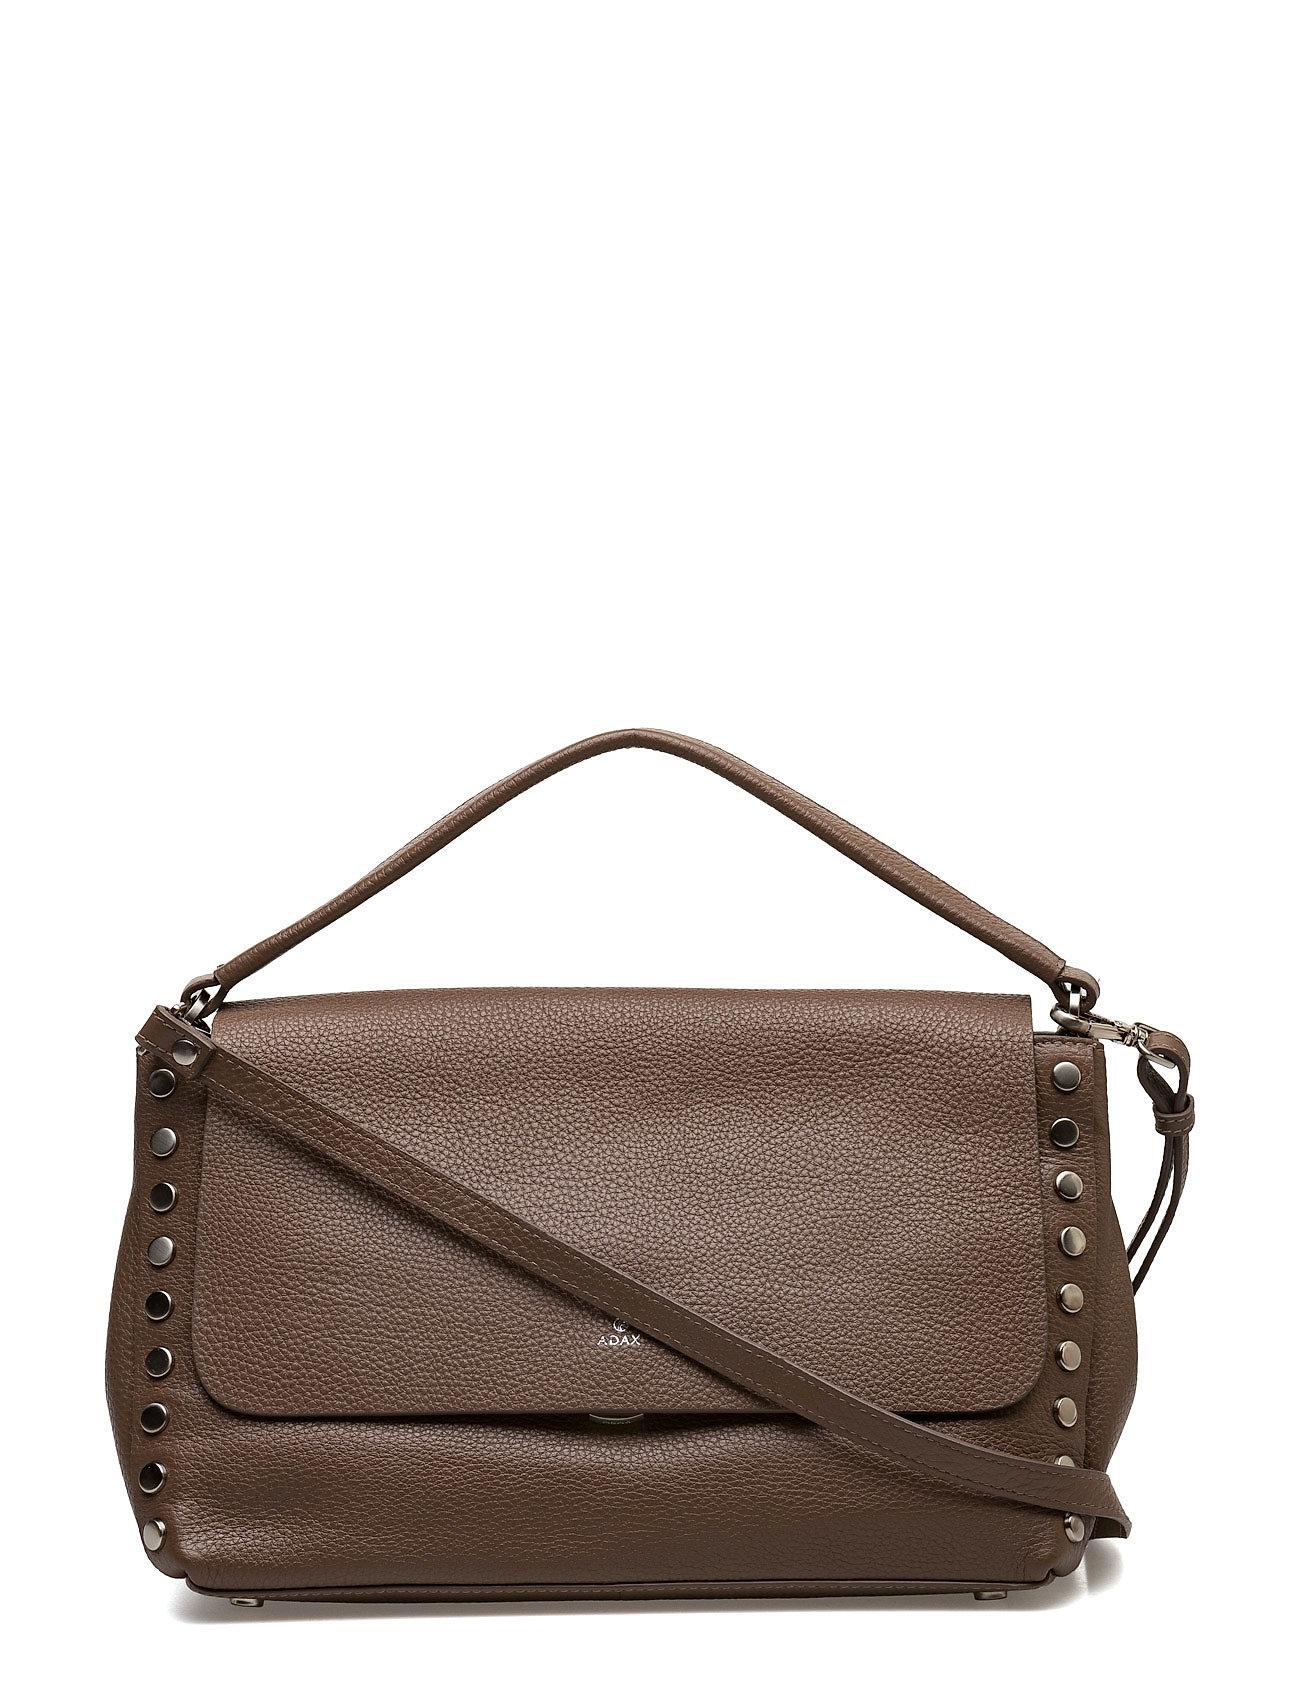 Niccone handbag tulle fra adax fra boozt.com dk